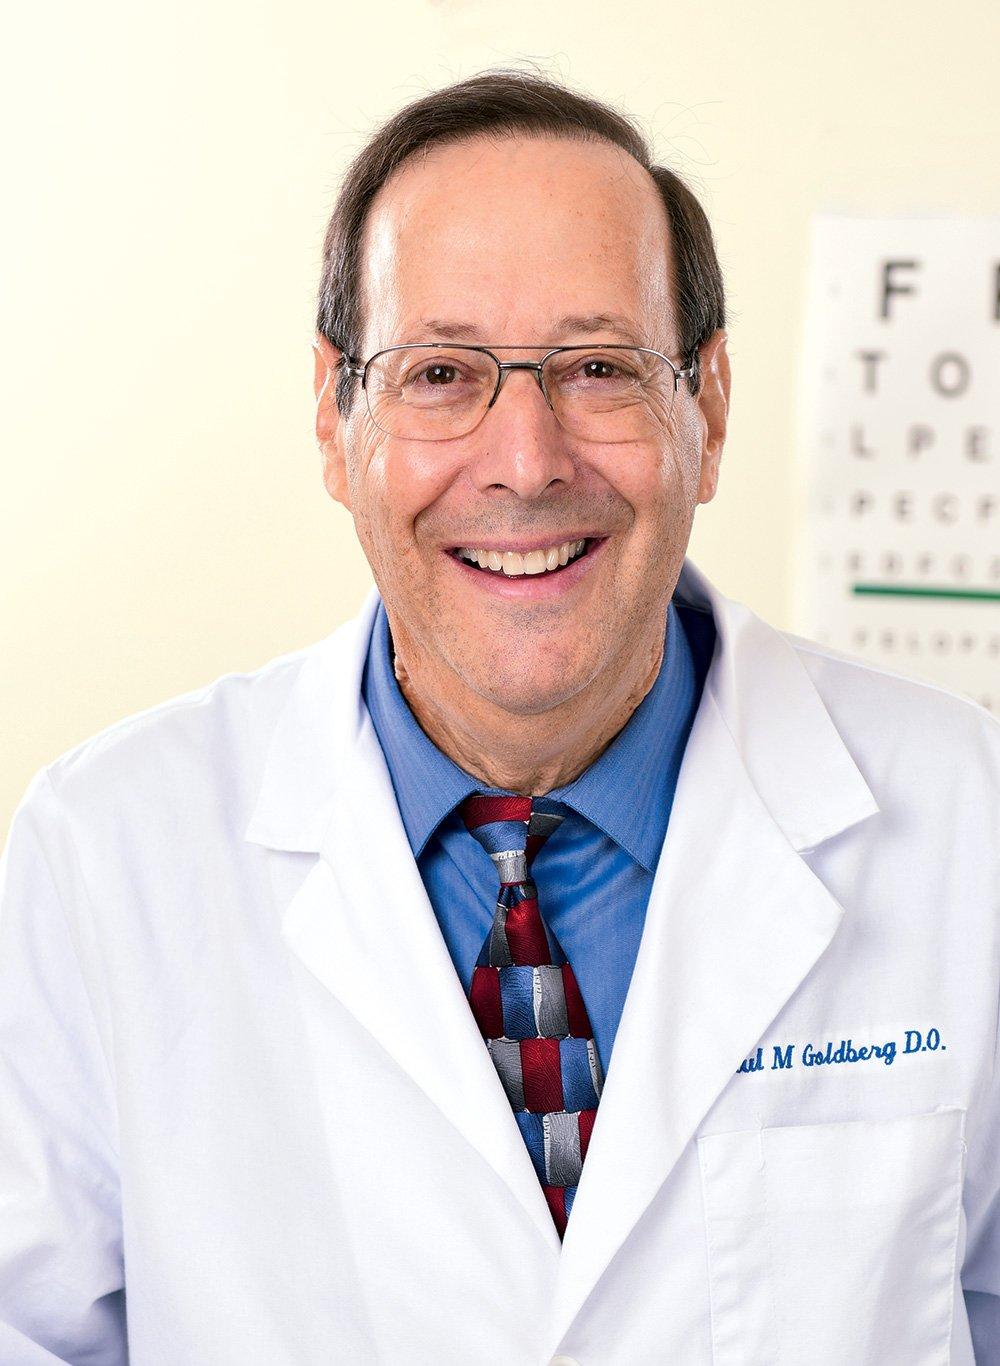 Paul M. Goldberg